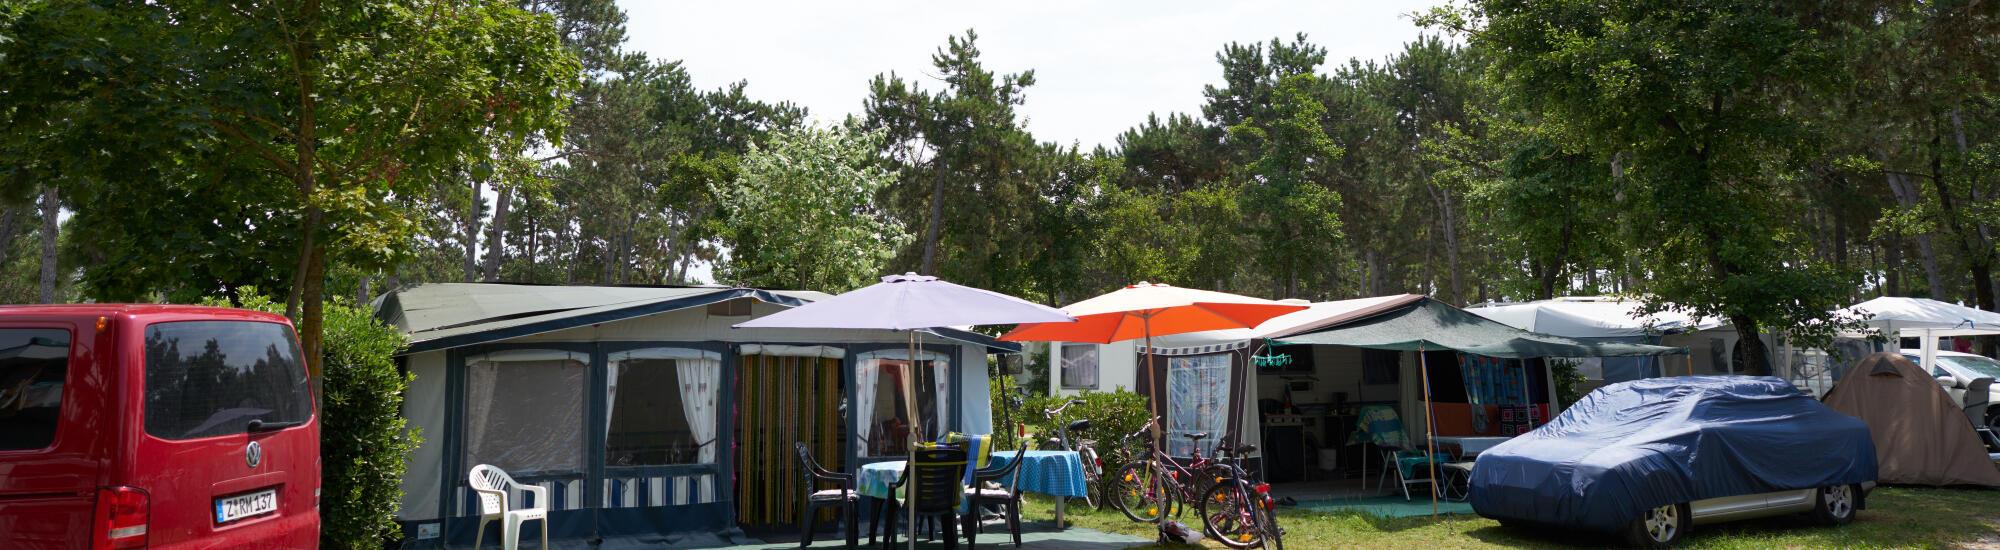 Vacanze di giugno in campeggio a Bibione: offerta piazzole